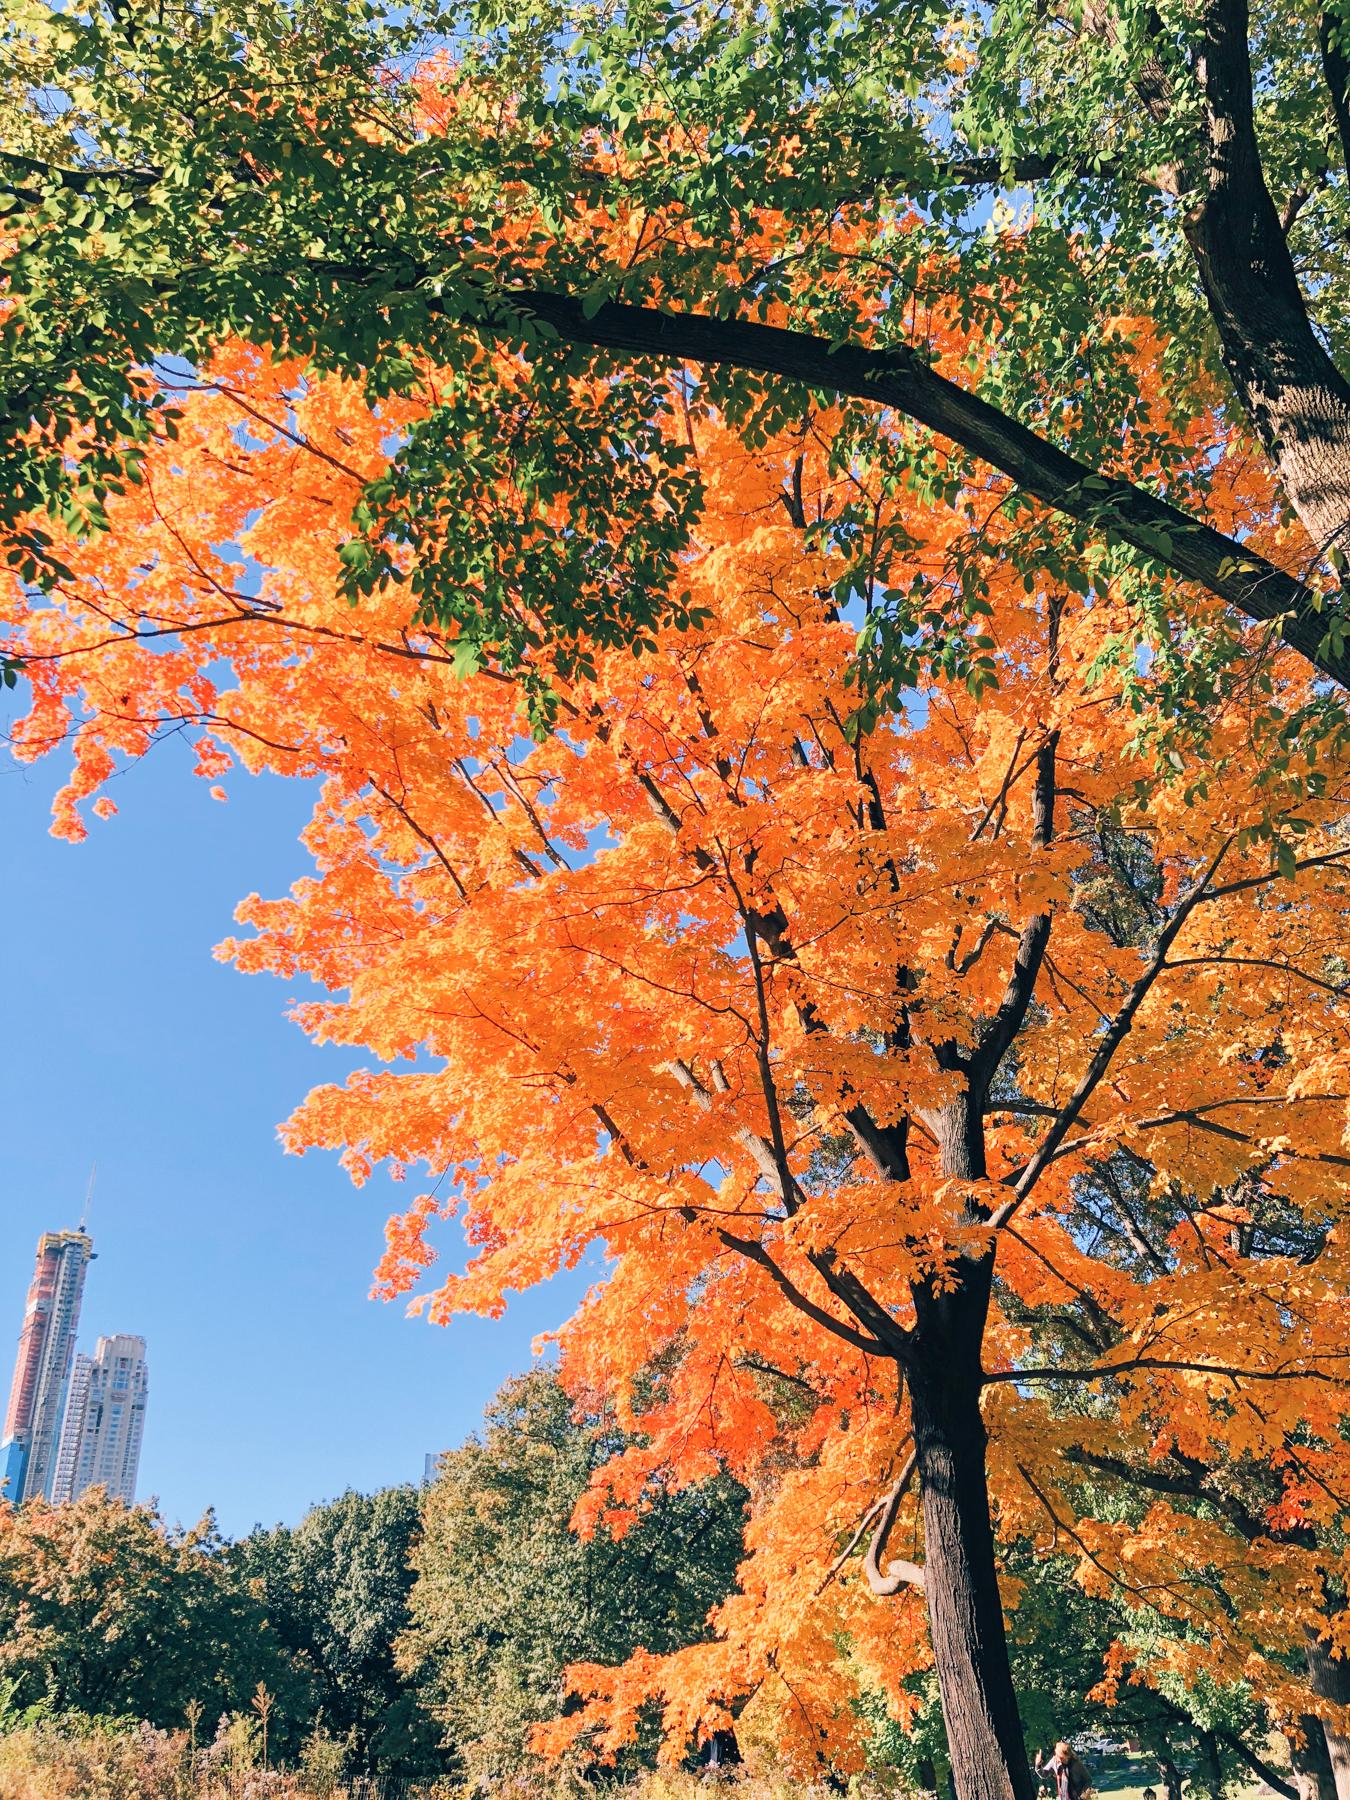 Central Park, near The Mall